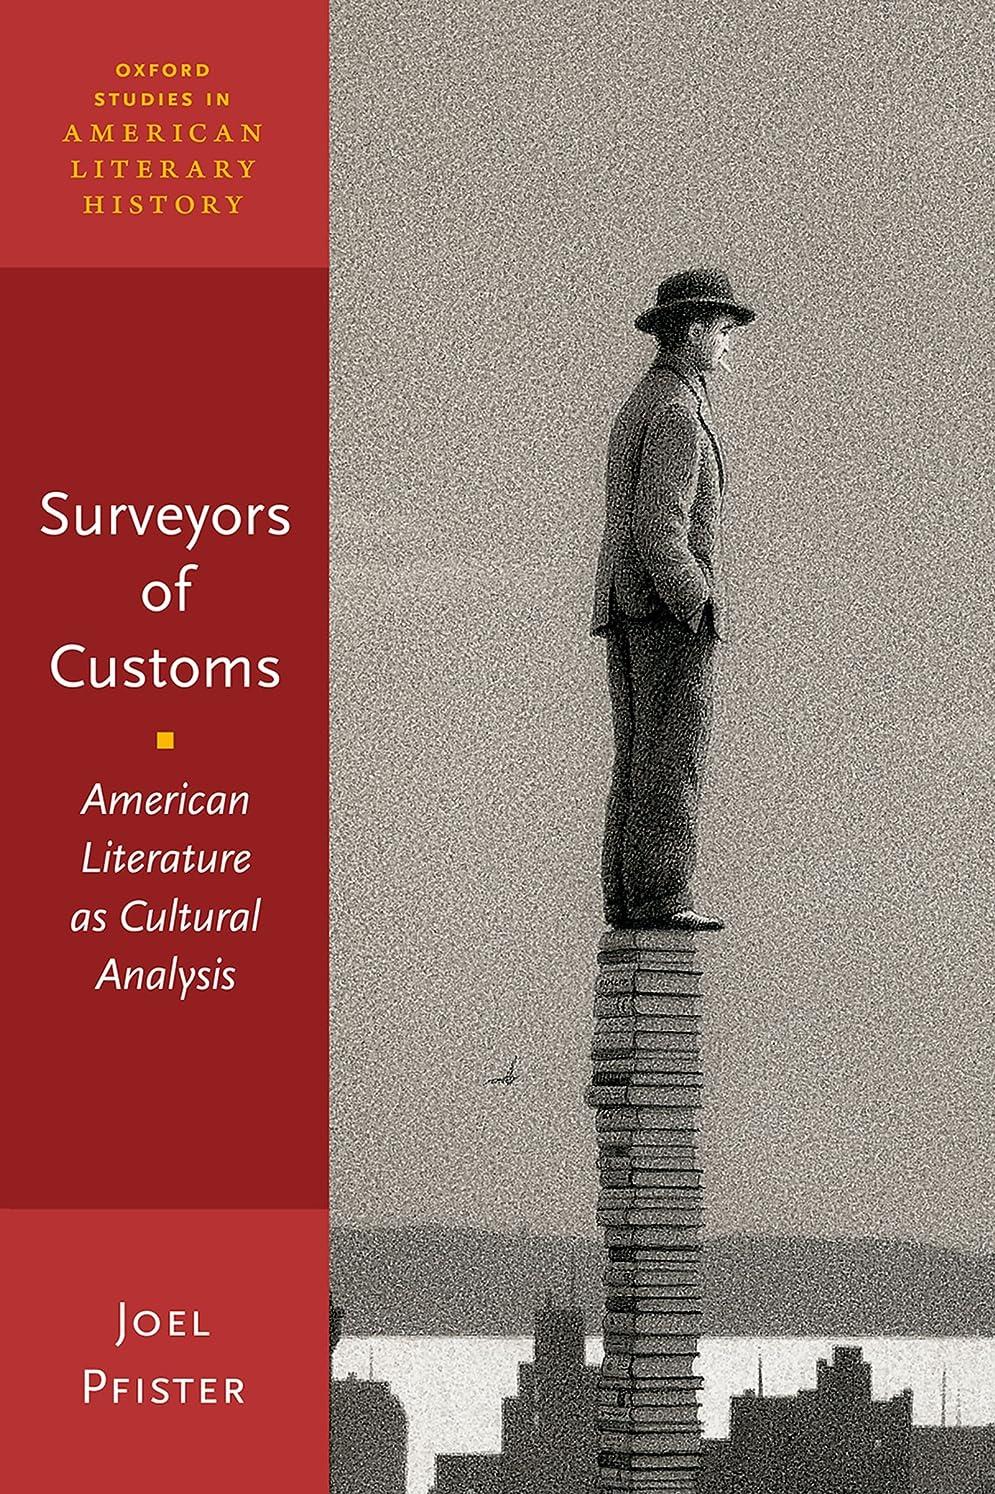 振り返るホイップ特許Surveyors of Customs: American Literature as Cultural Analysis (Oxford Studies in American Literary History) (English Edition)